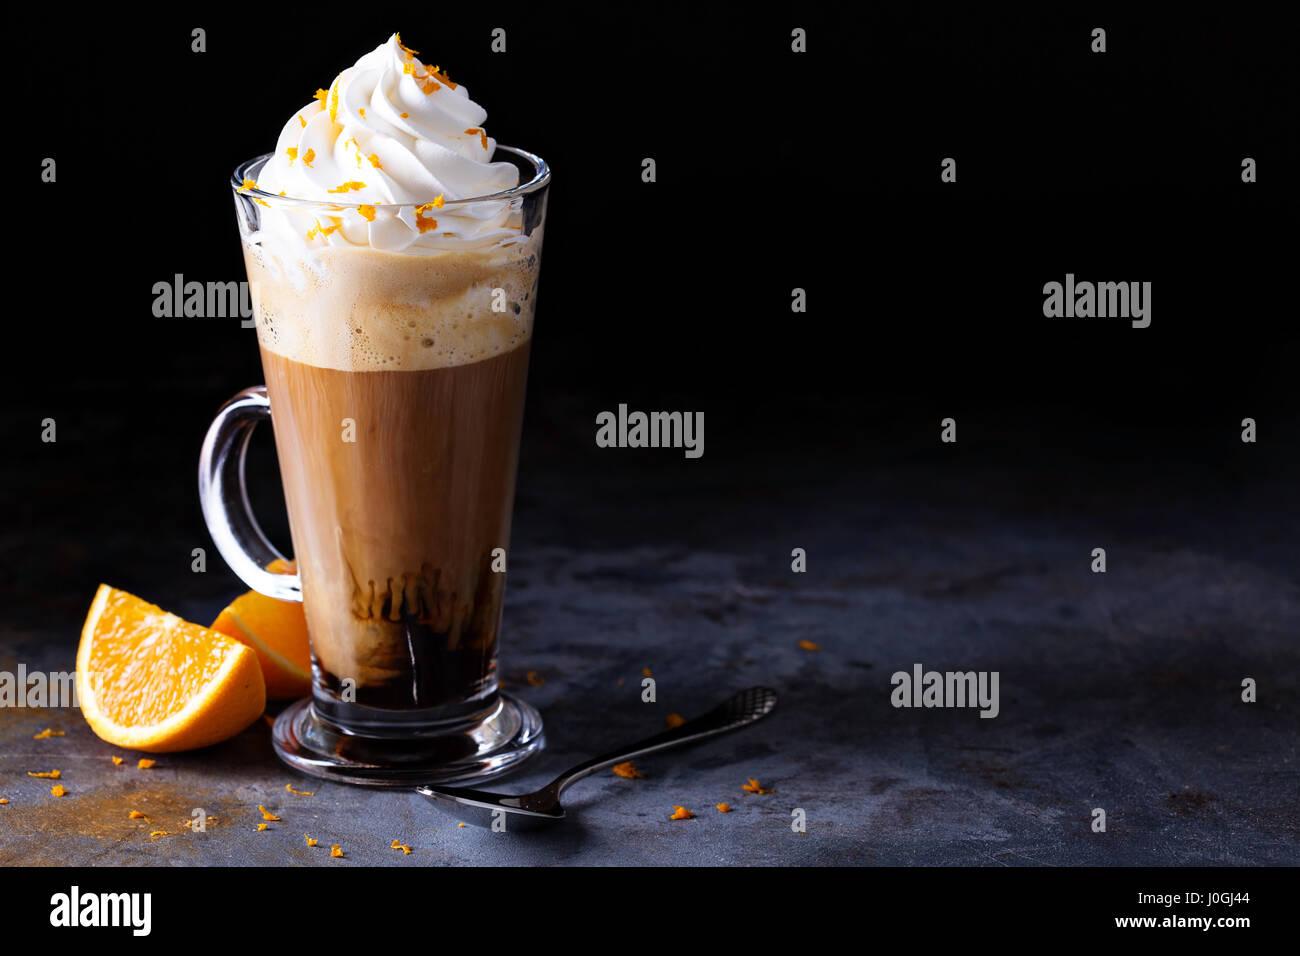 Café viennois chaud avec de la crème fouettée Photo Stock